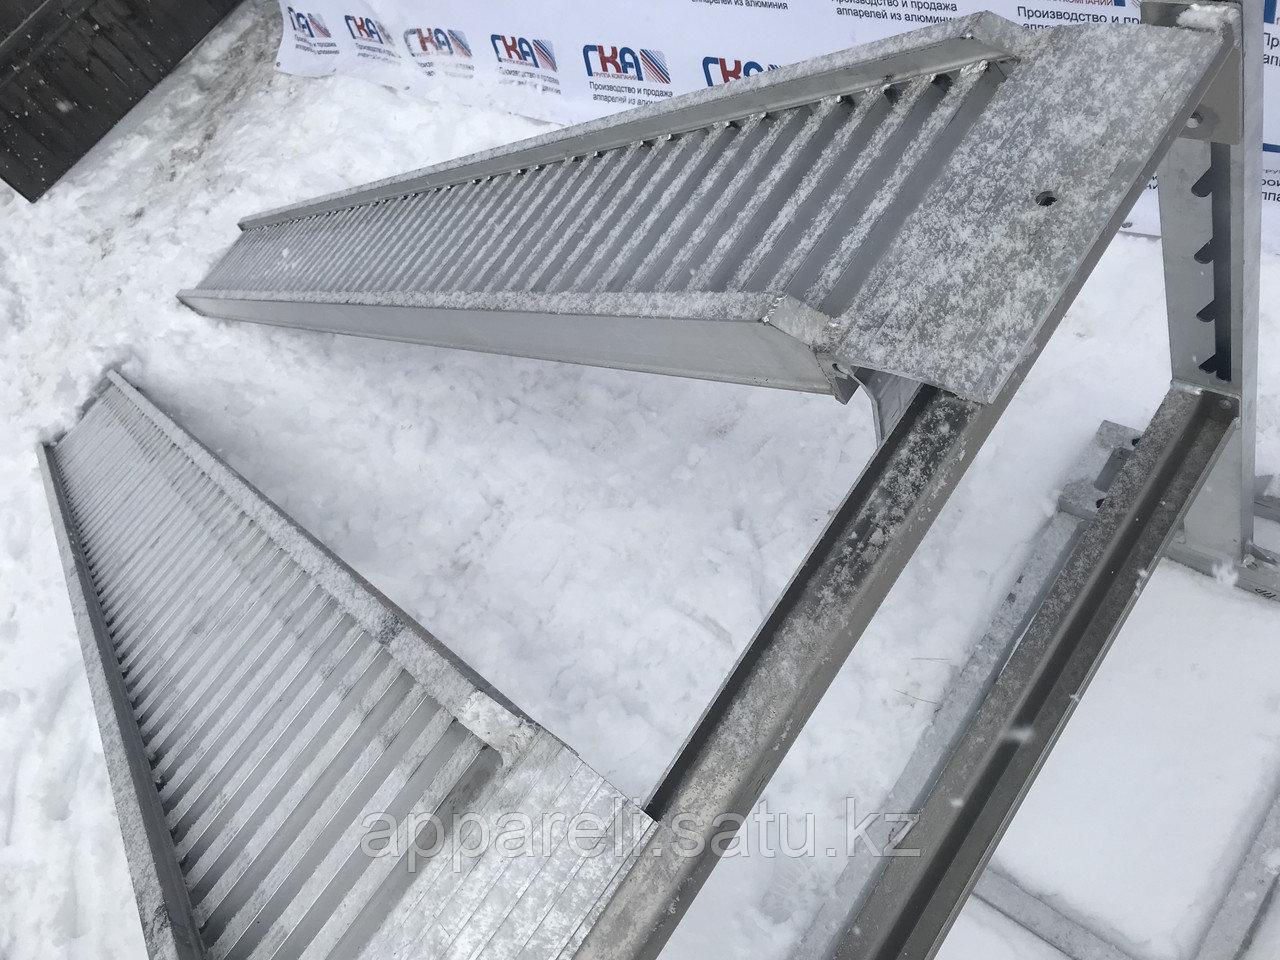 Погрузочные рампы от производителя 3,3 тонны, 2,5 метра